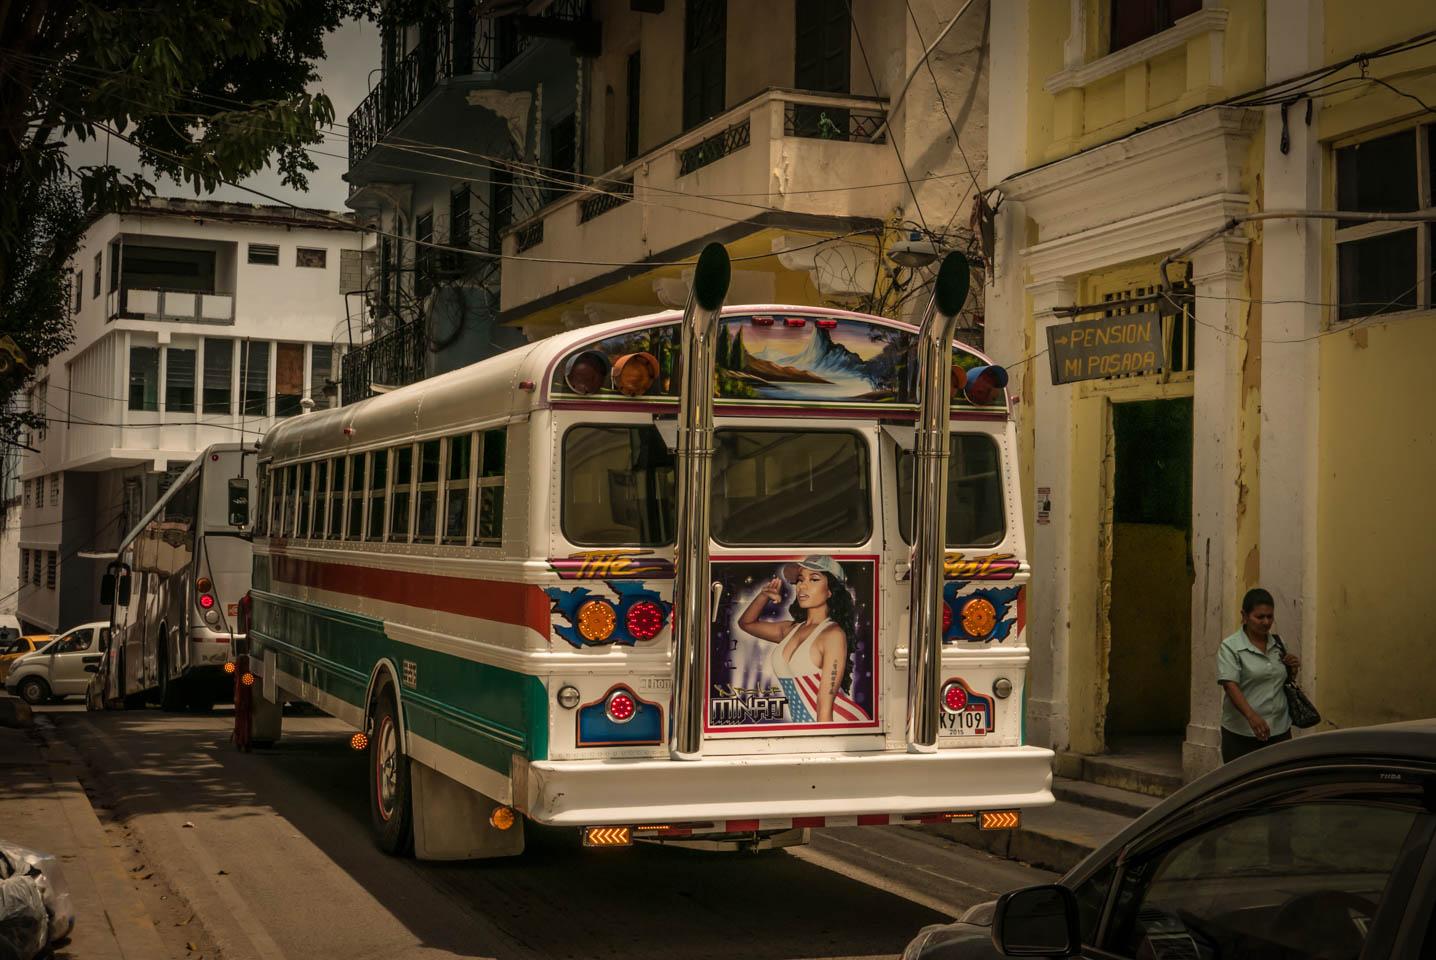 Panama City public transport  YKUT Youkeepustraveling